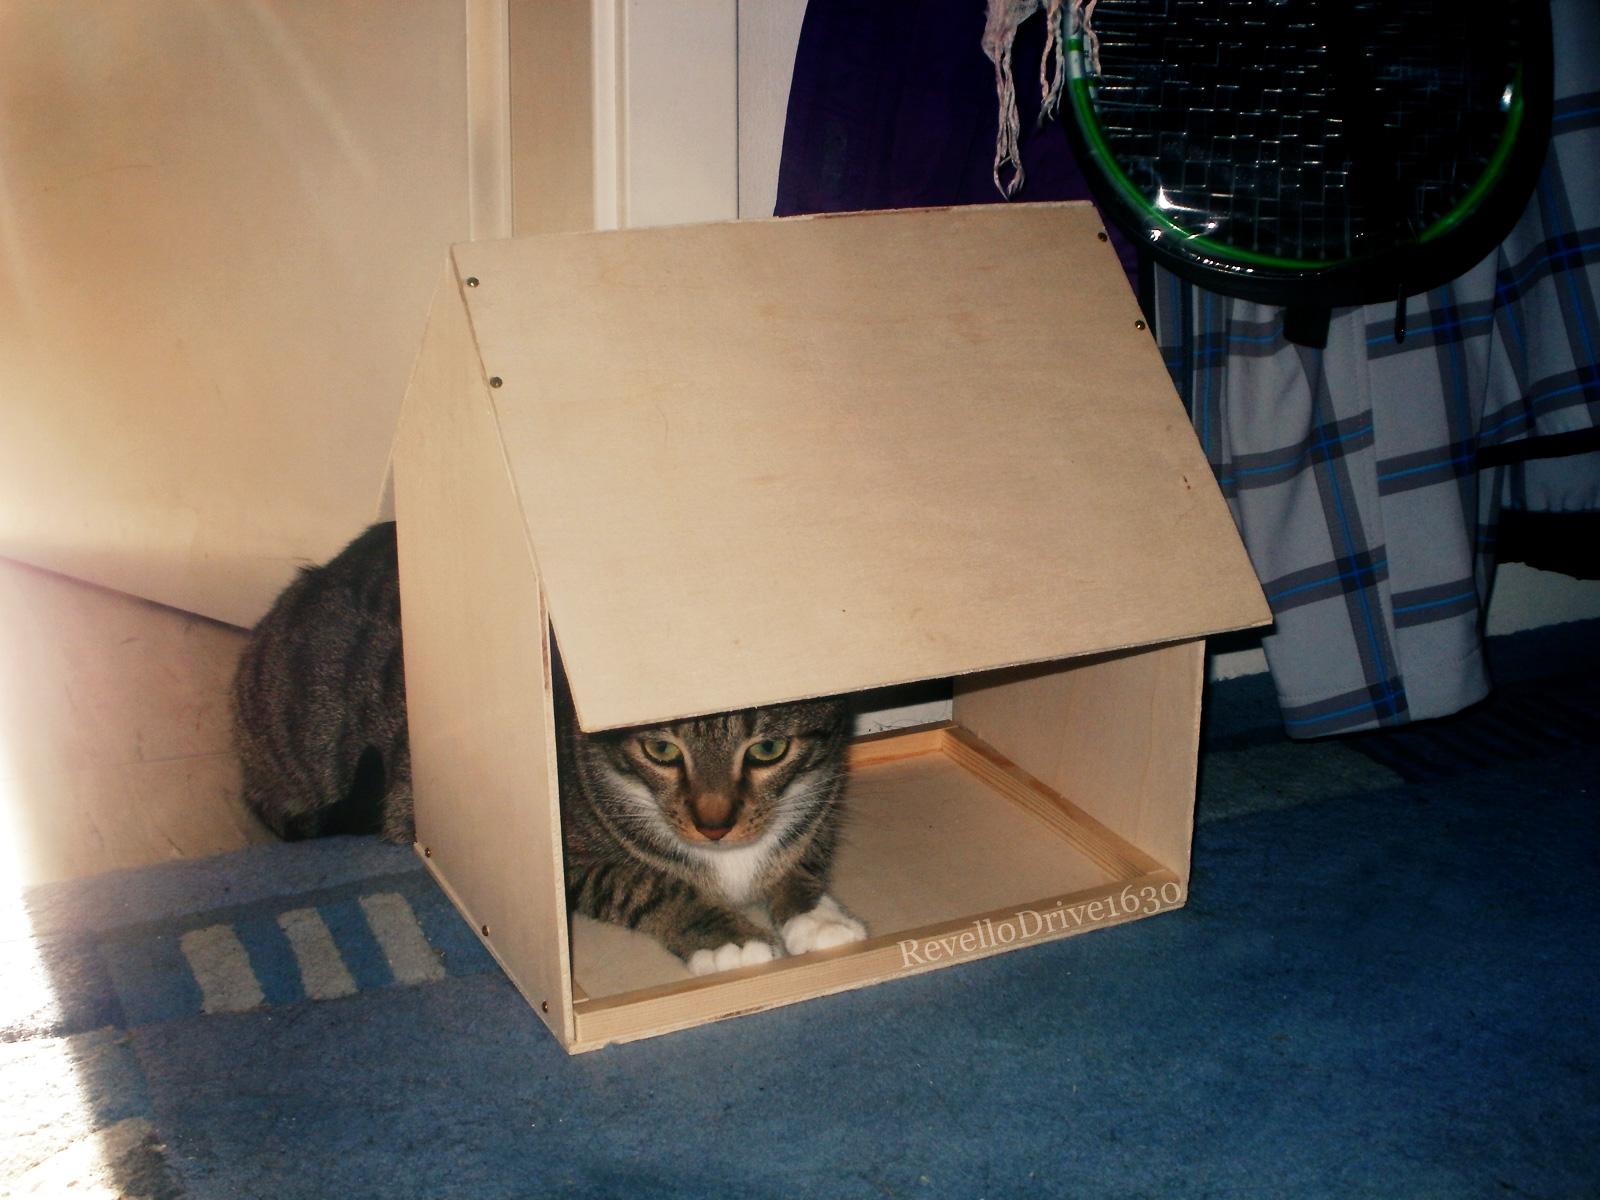 Da Kat in da house by RevelloDrive1630